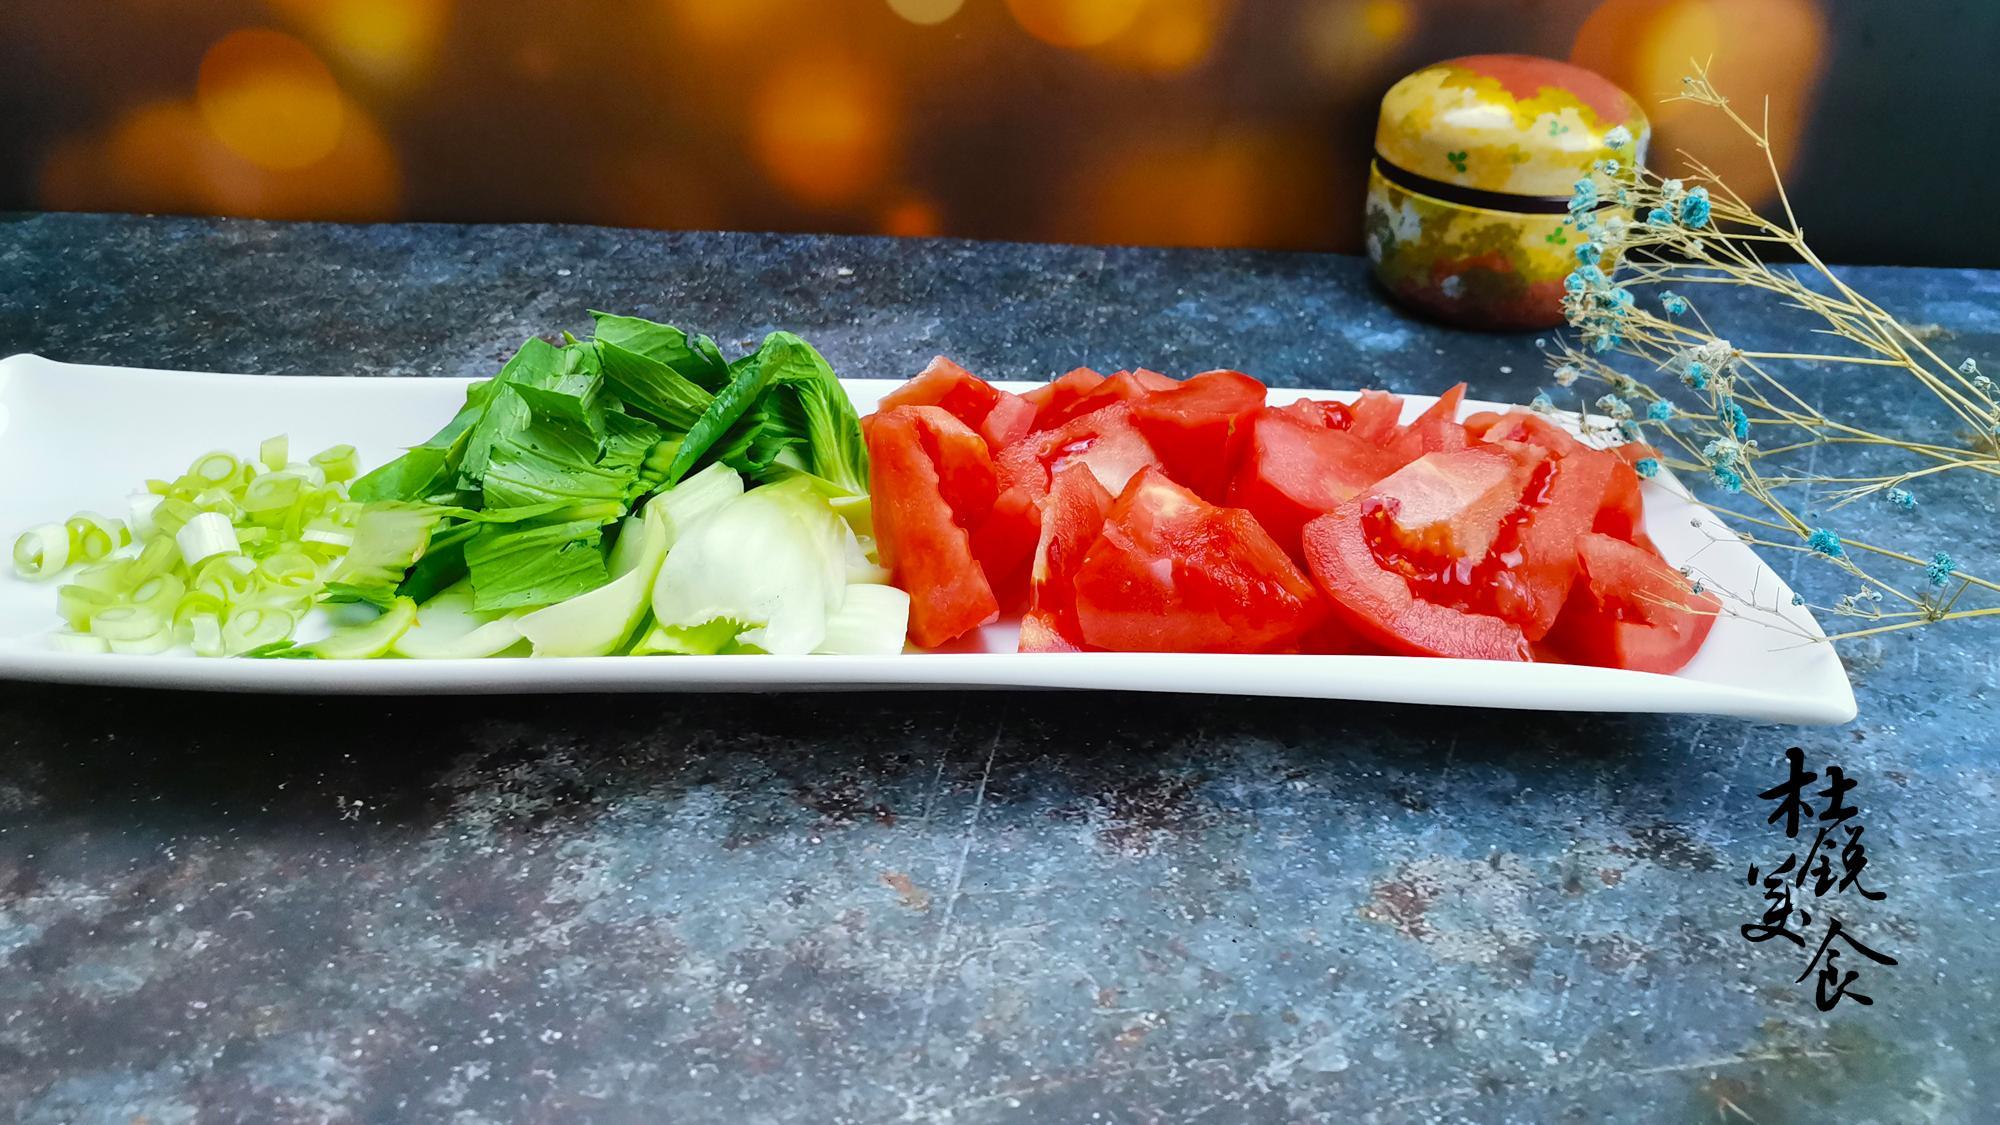 方便面别再煮着吃,没营养还高脂,搭配2物炒一炒,满满维生素